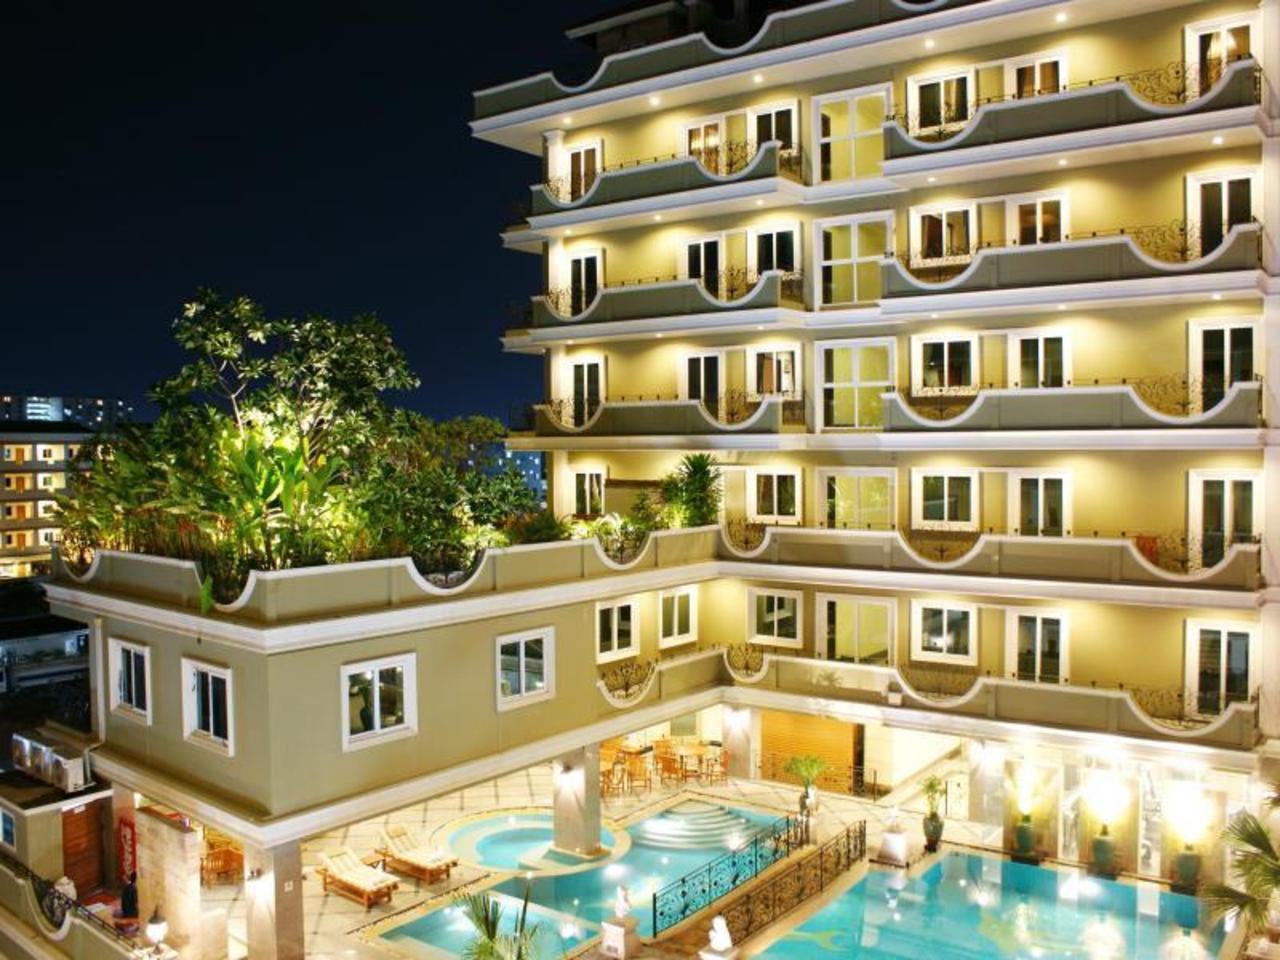 โรงแรมแอลเค รอยัล สวีท (LK Royal Suite Hotel)